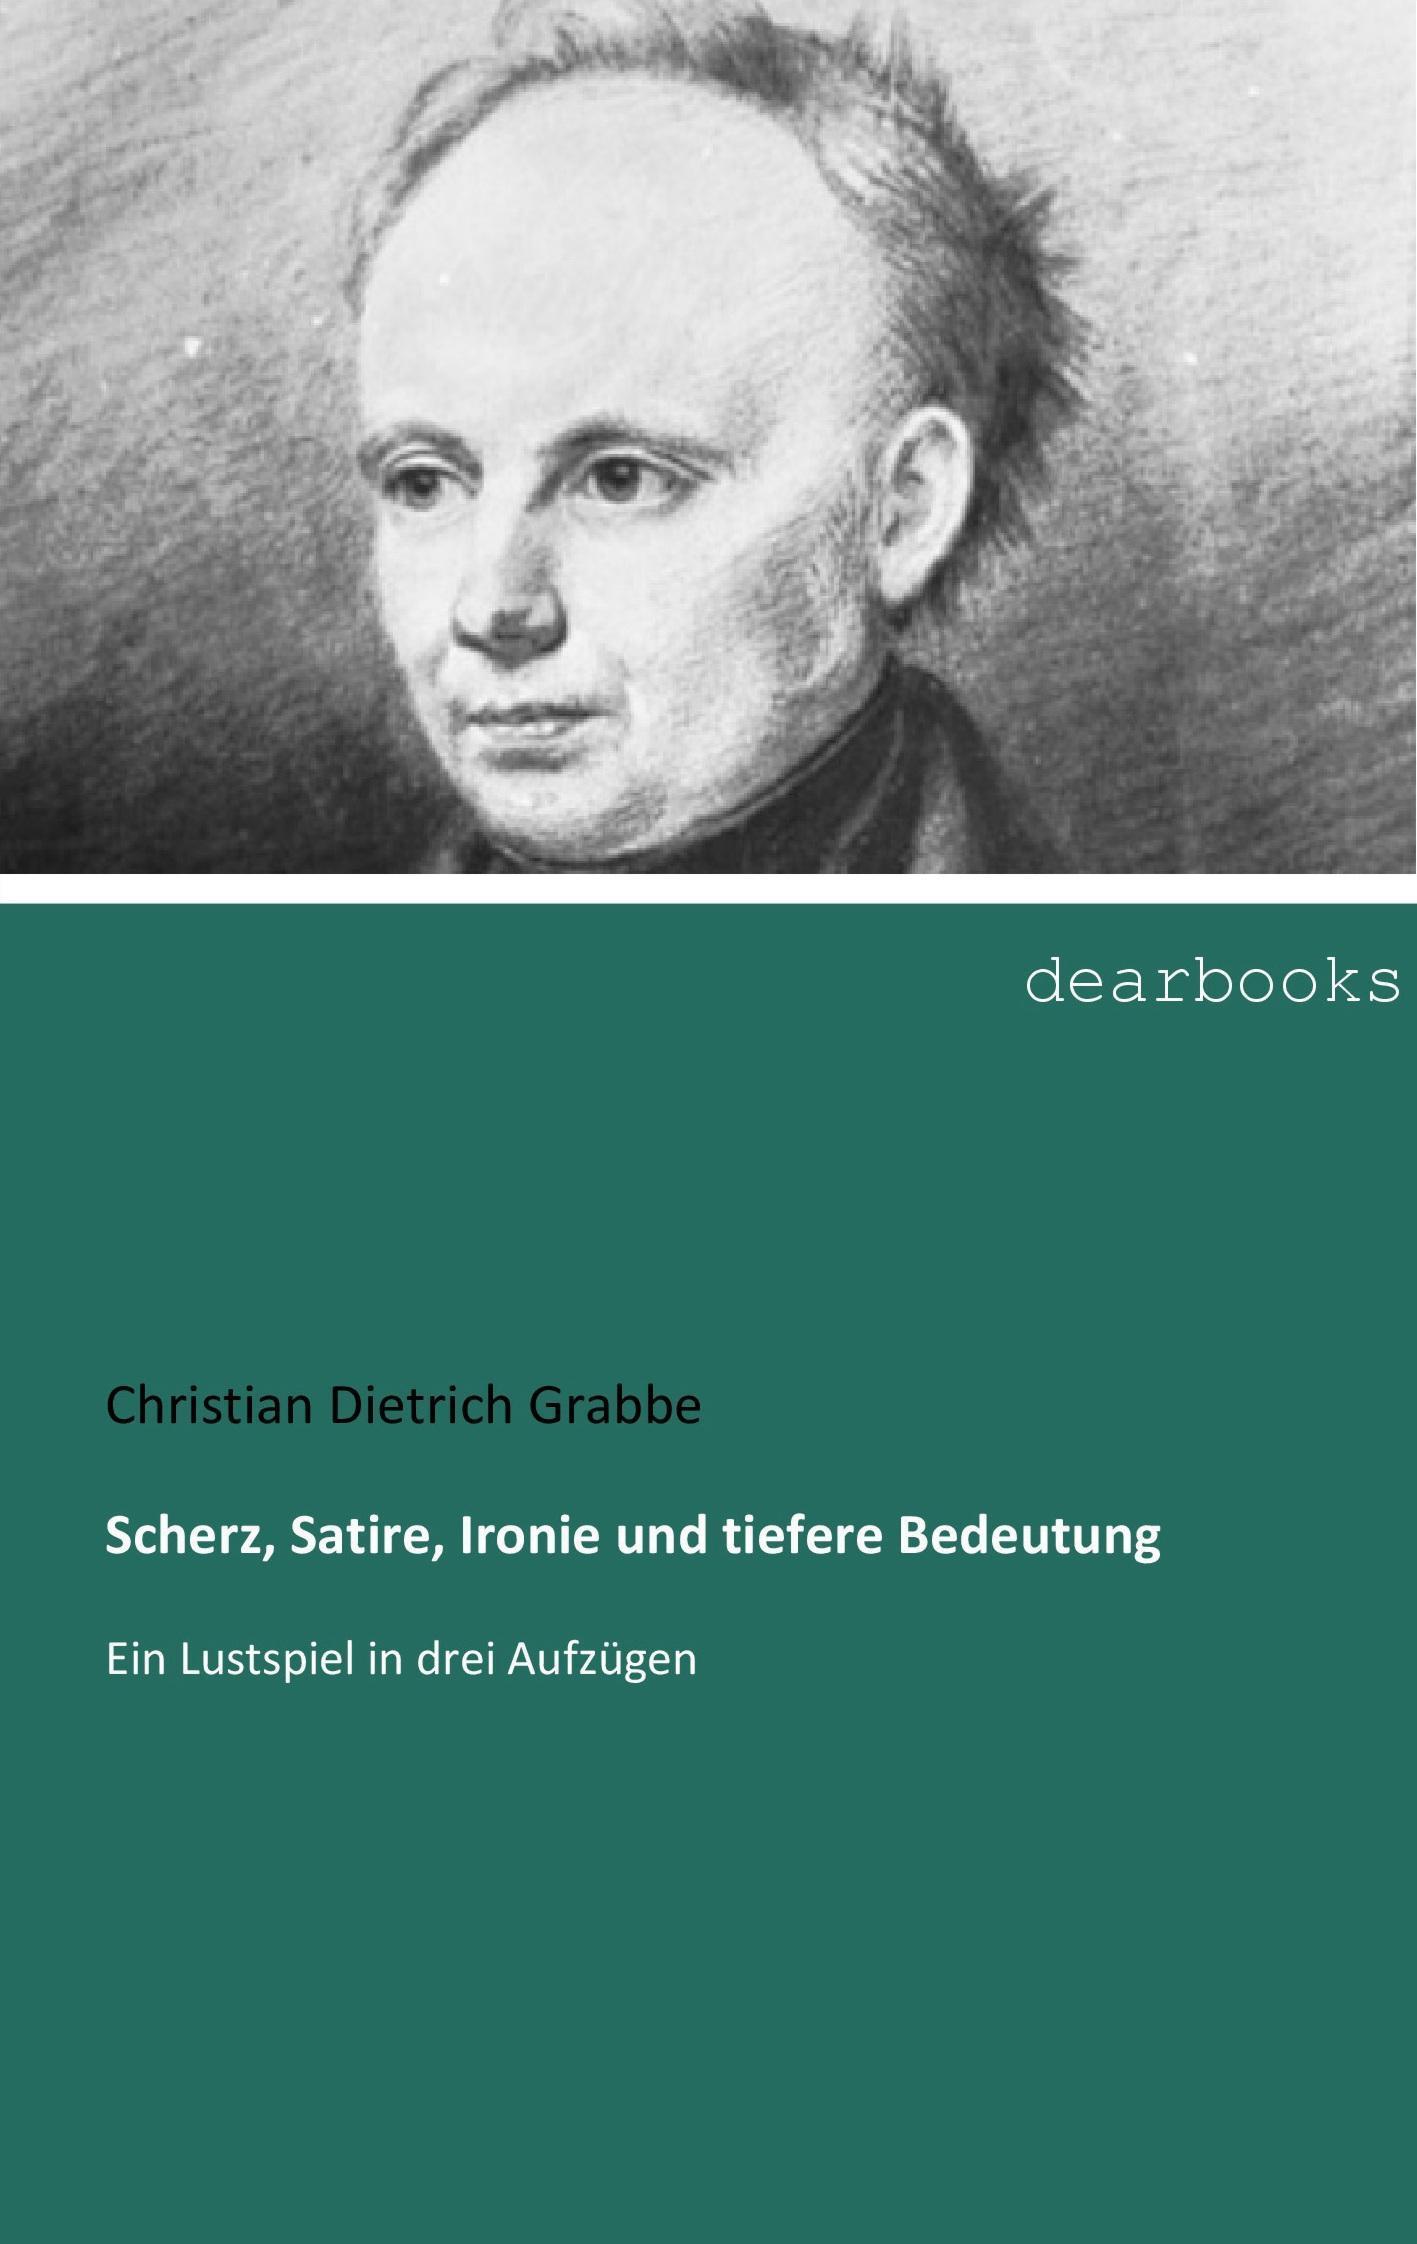 Scherz-Satire-Ironie-und-tiefere-Bedeutung-Christian-Dietrich-Grabbe